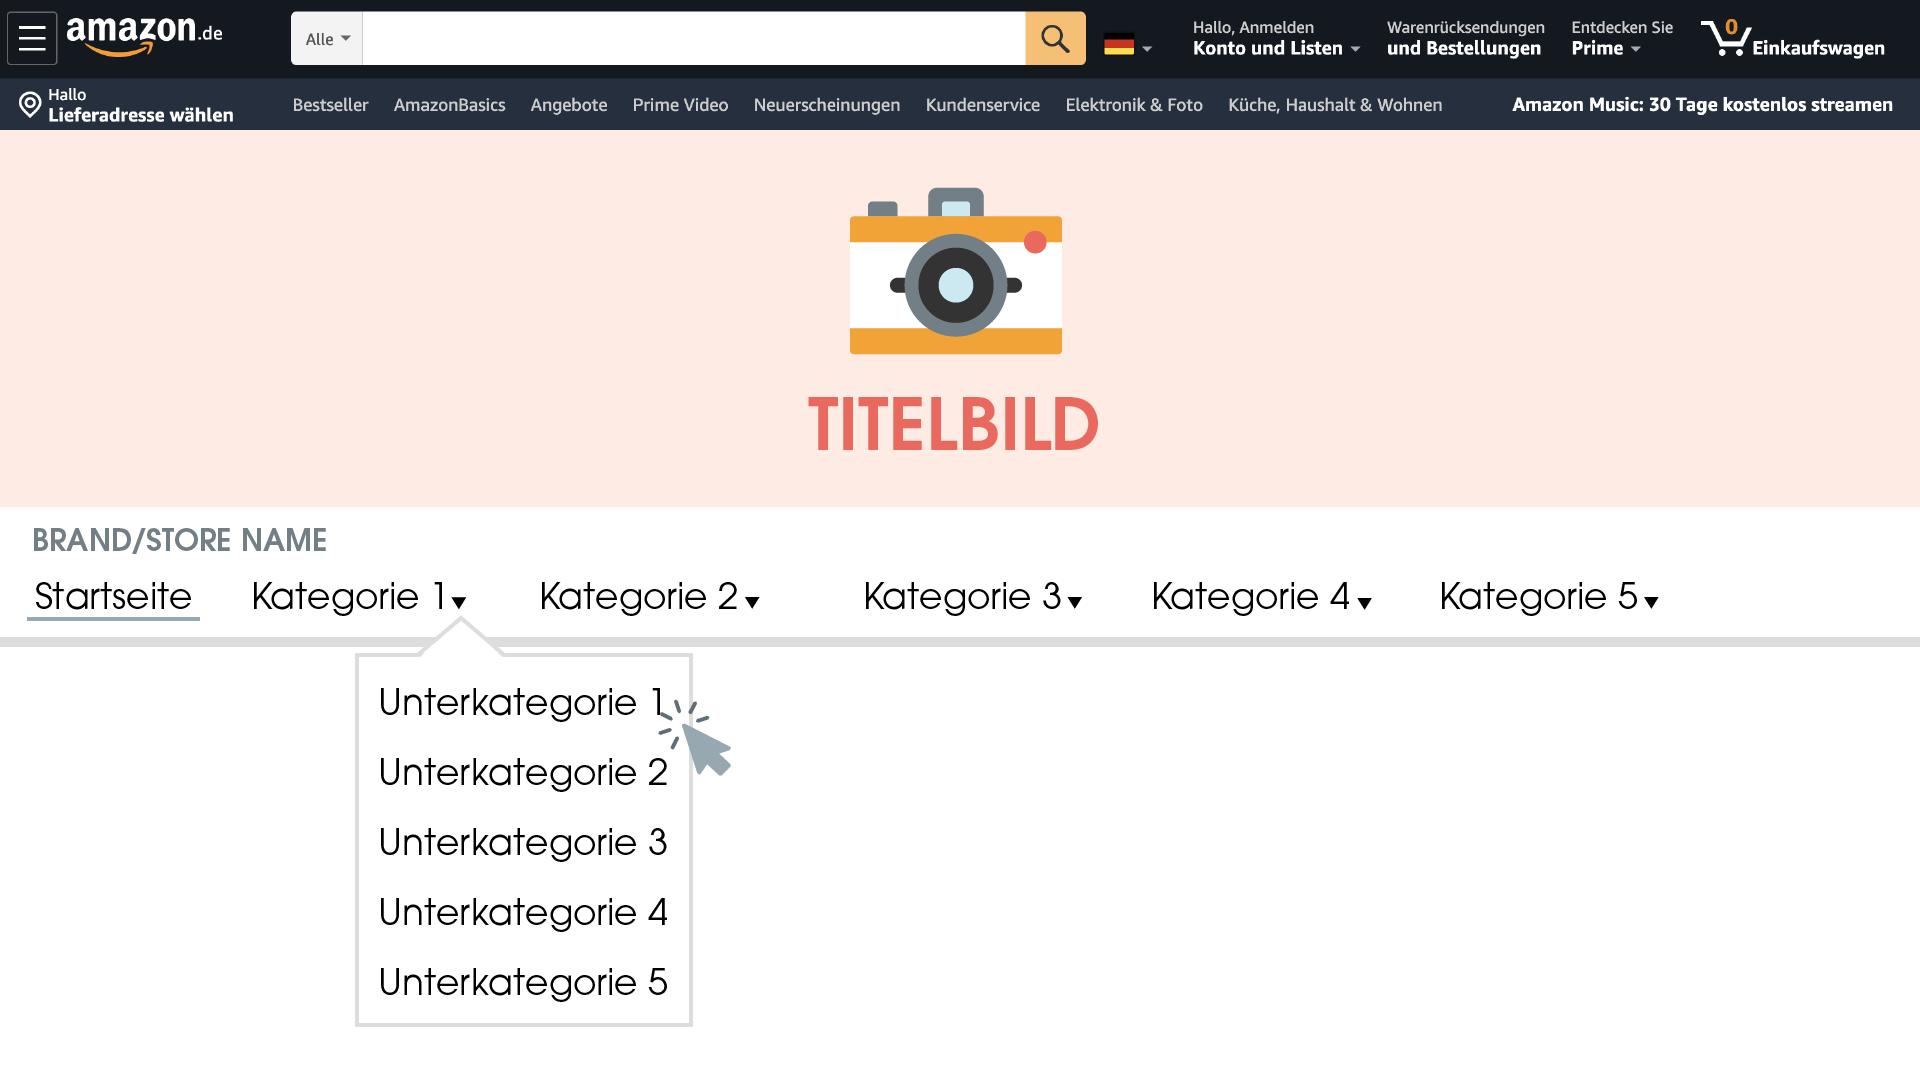 Ein Brand Store bietet die Möglichkeit, eine eigene Startseite und verschiedene Unterkategorien innerhalb Amazons zu erstellen.